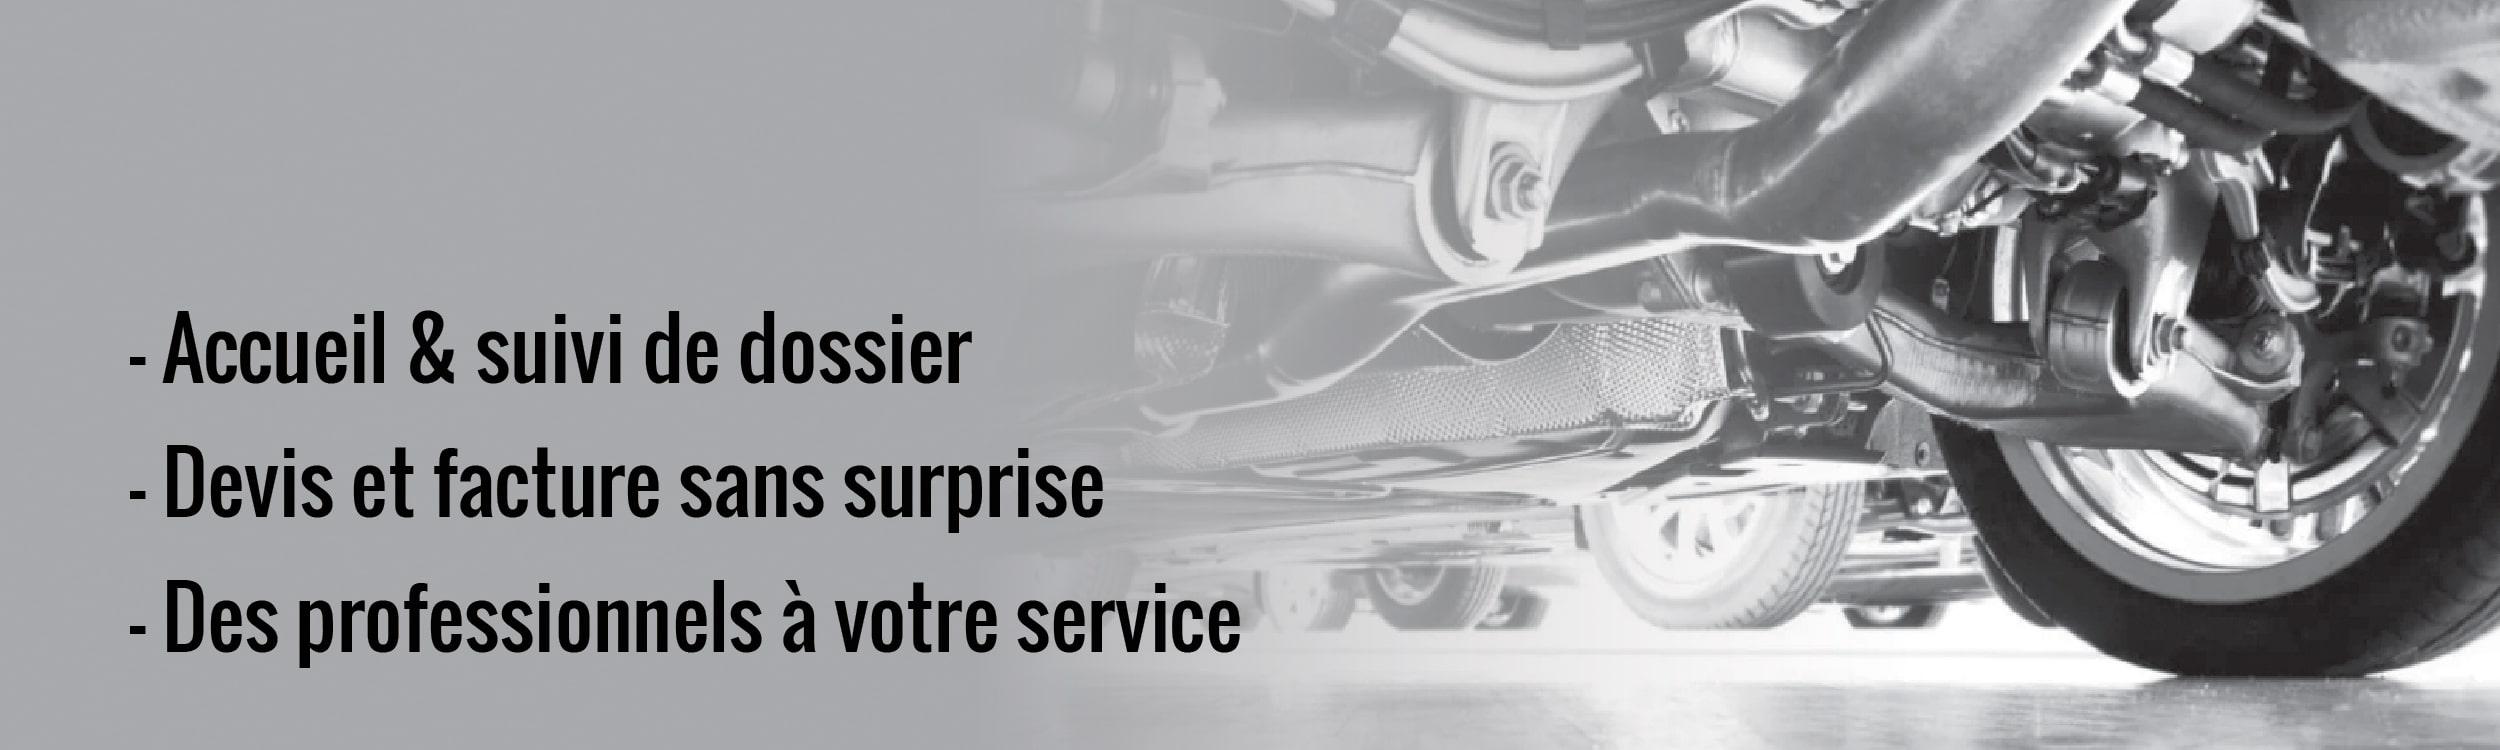 Contrôle technique, révision auto au garage KER-AUTO à Kervignac sur le secteur de Erdeven, Hennebont, Languidic, Inzinzac-Lochrist, Quéven et Brandérion.